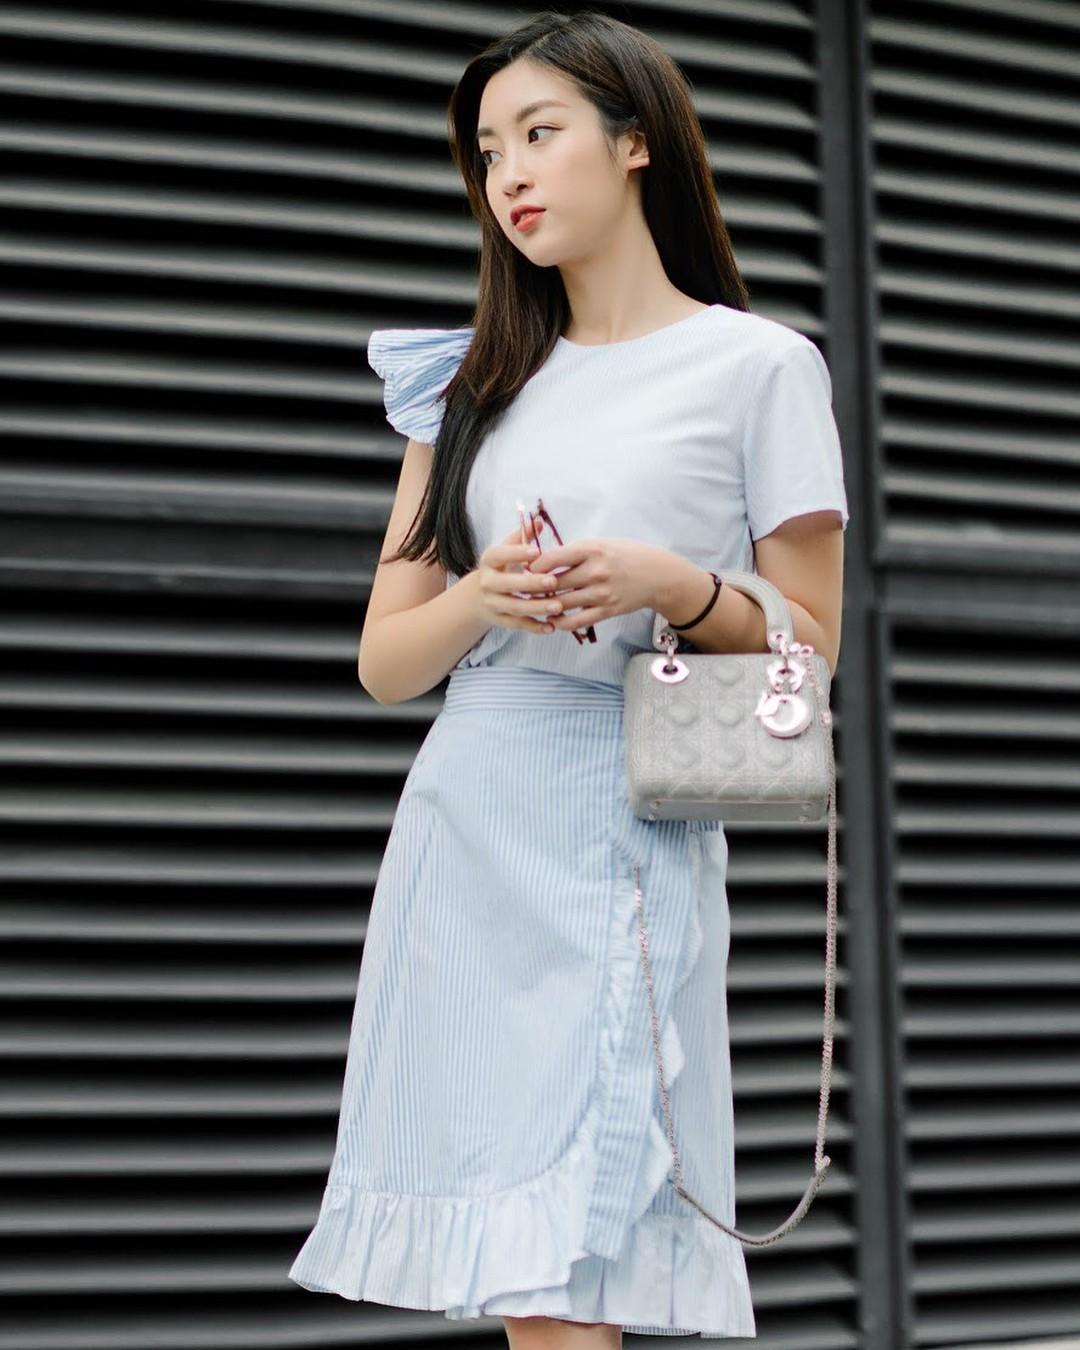 3 năm sau đăng quang, từ Hoa hậu giản dị nhất, Đỗ Mỹ Linh đang từng bước chuyển mình thành yêu nữ hàng hiệu-7